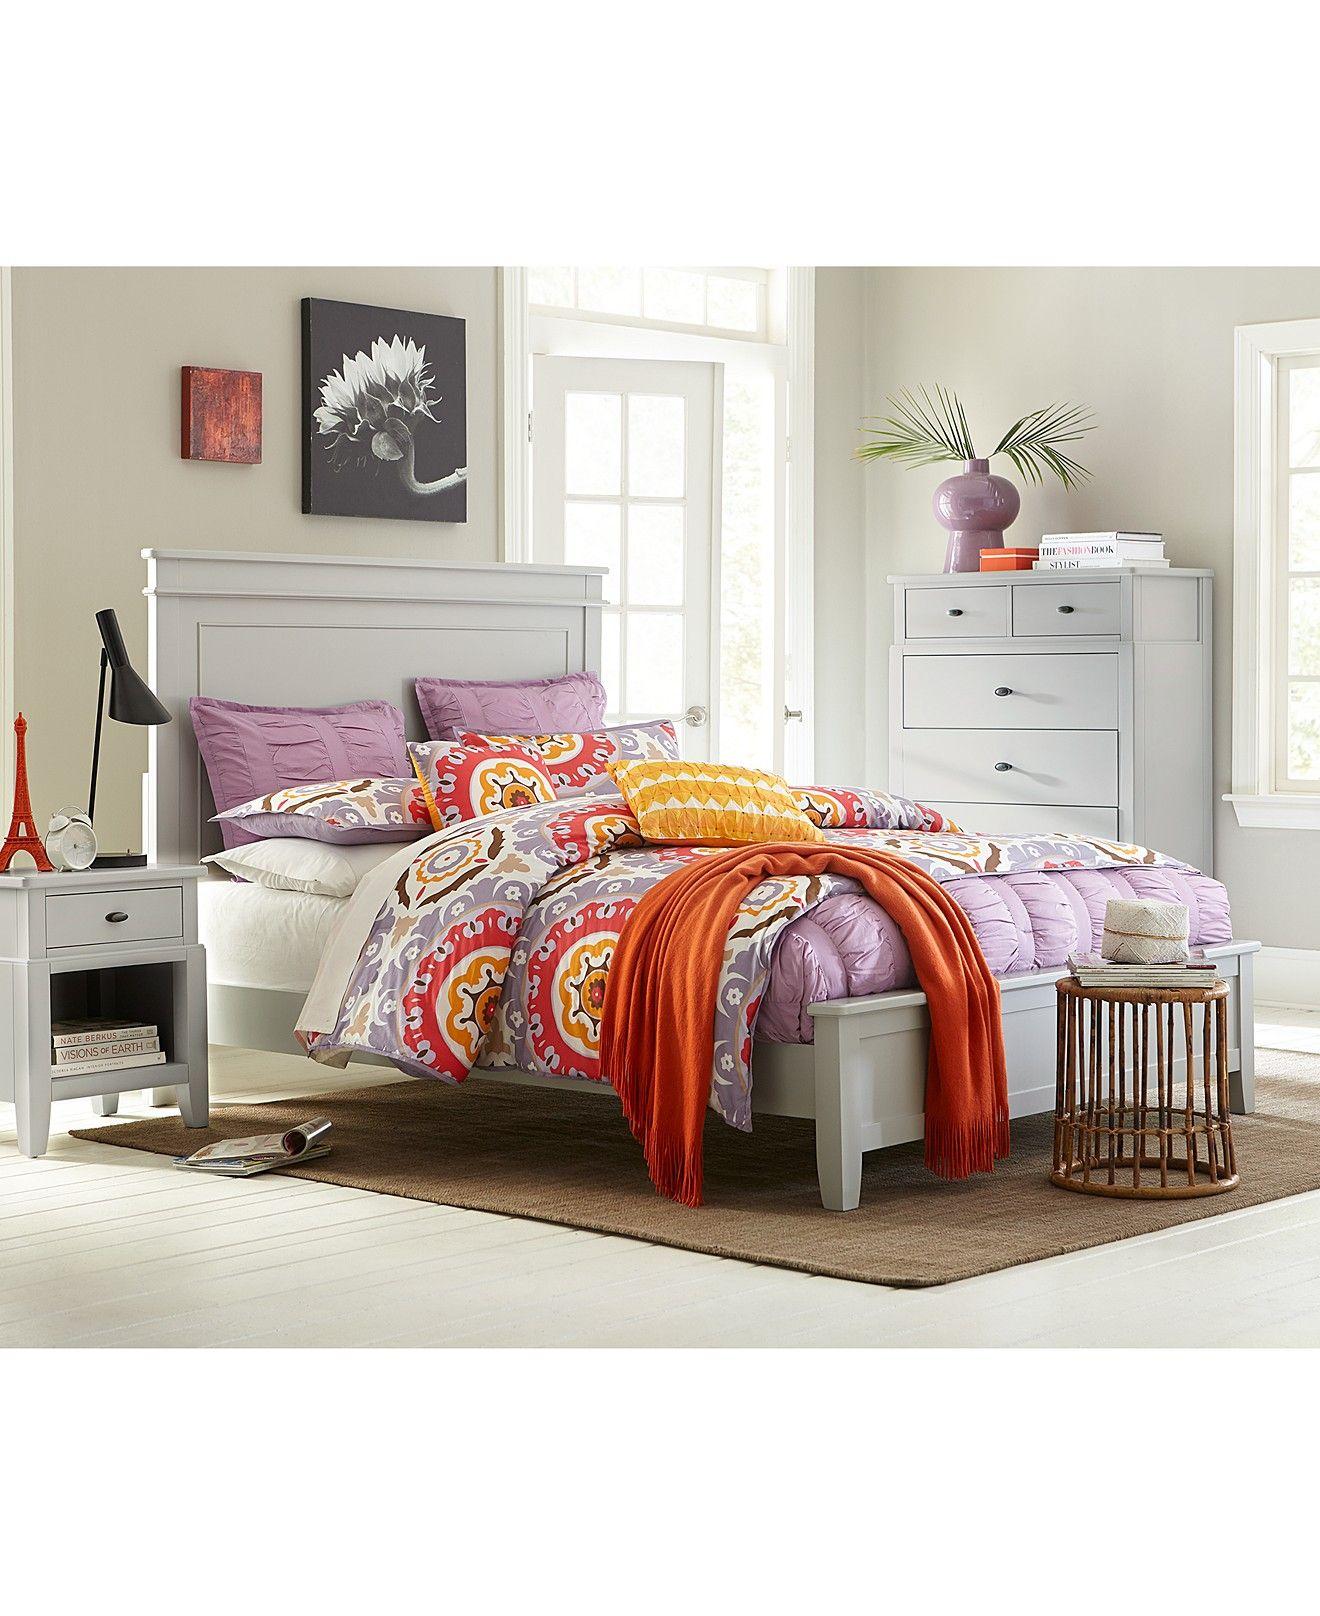 Kamron Bedroom Queen 3 Piece Set (Bed, Nightstand And